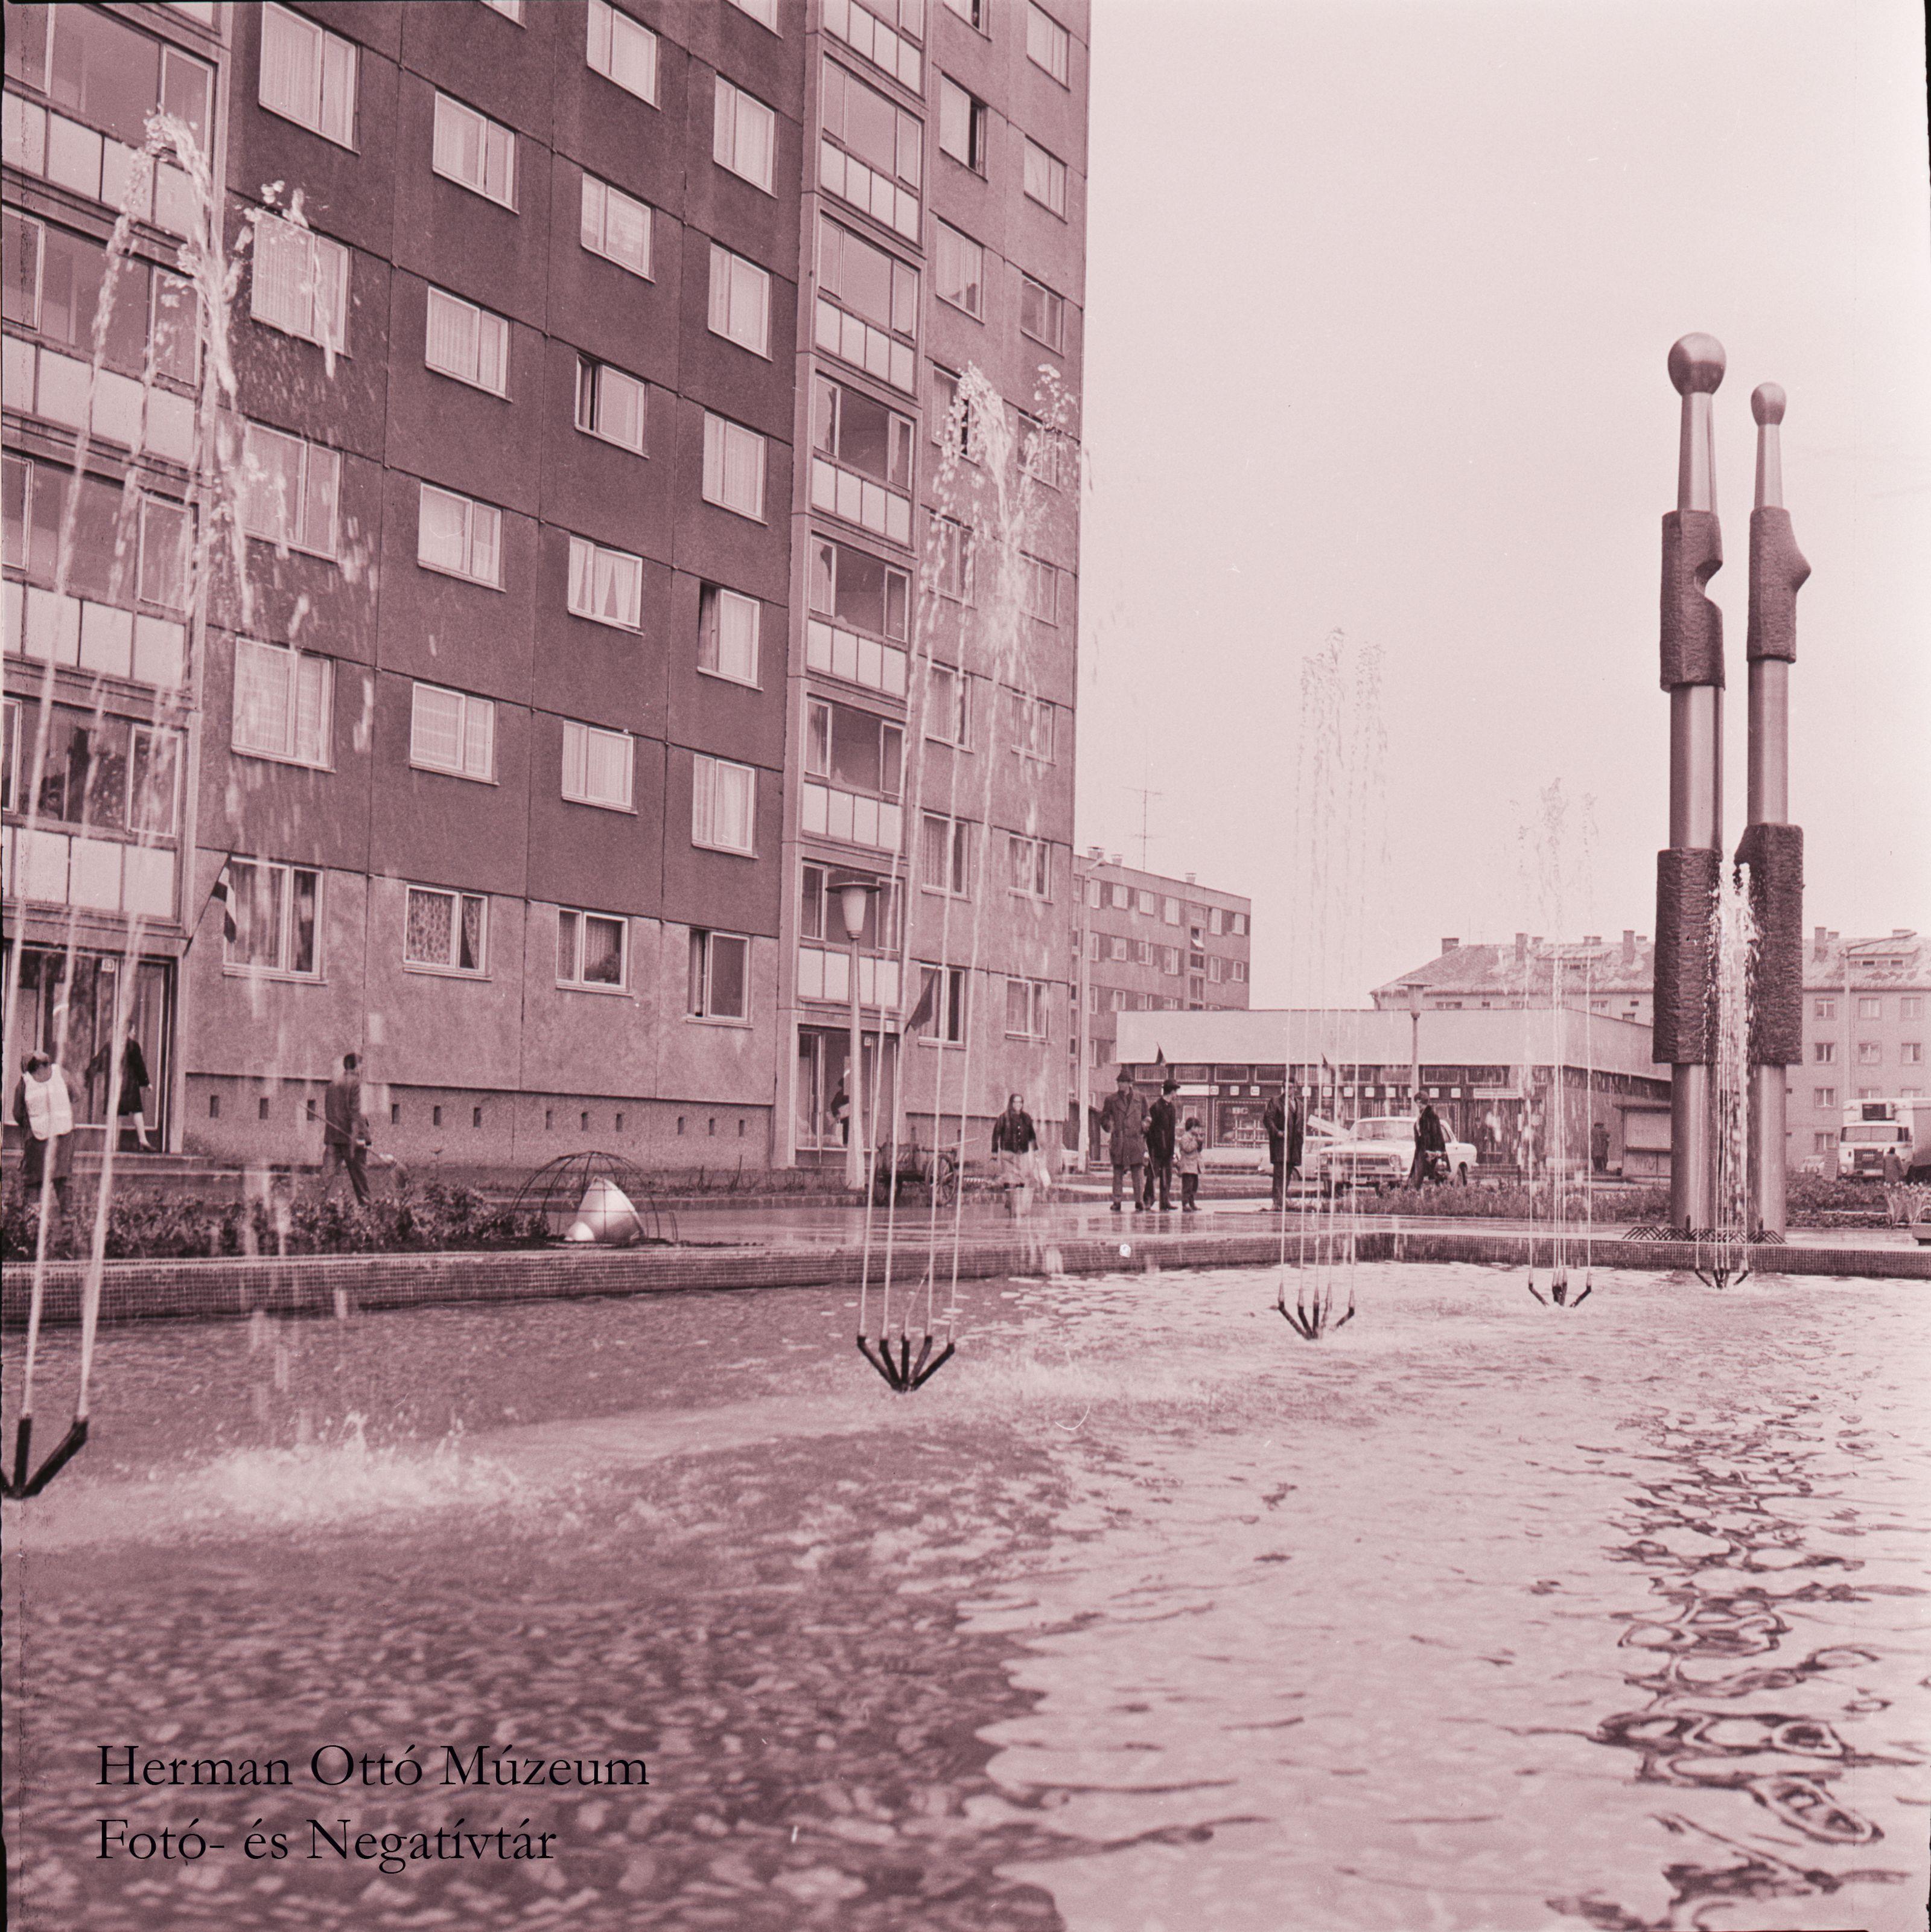 Herman Ottó Múzeum Fotó- és Negatívtára. Emberpár térplasztika a Győri kapui lakótelepen. Laczó József, 1975. április 3. Leltári szám: HOM_FN_69708